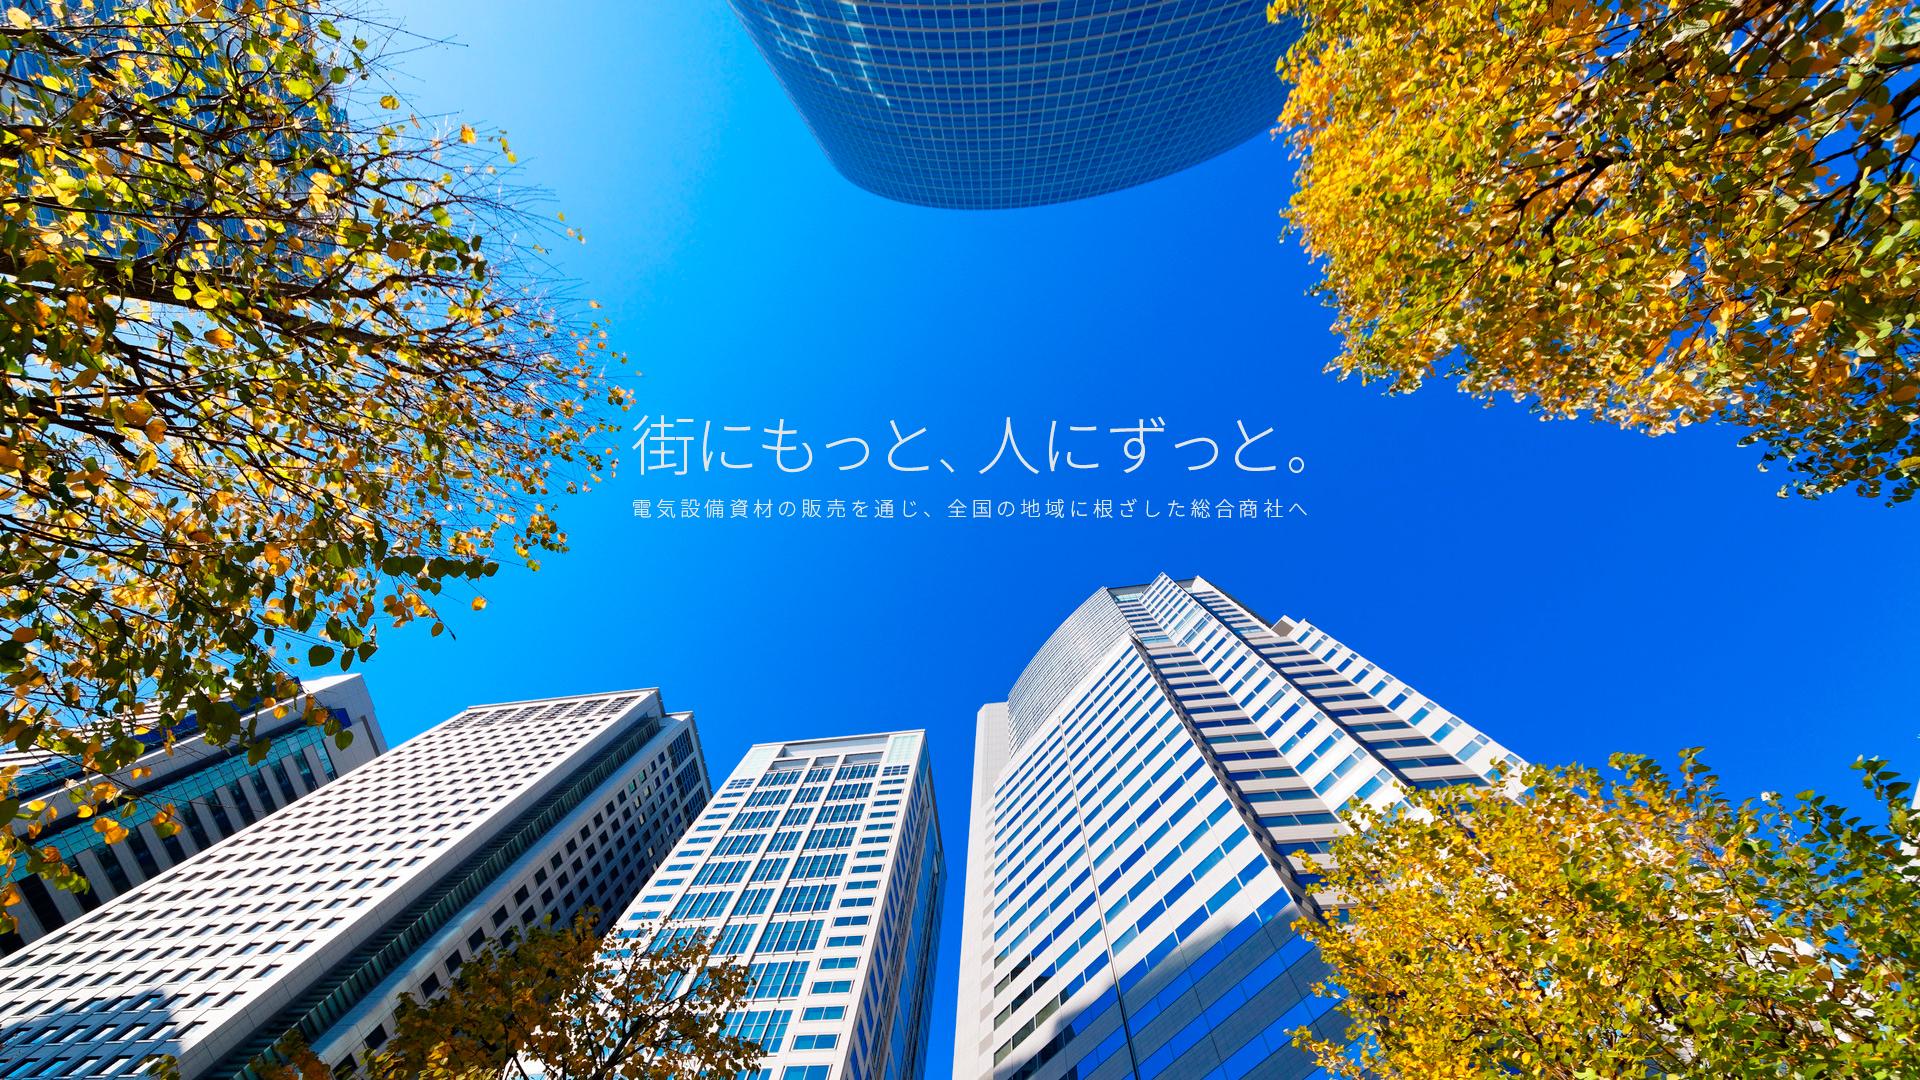 電設資材&OAの総合商社【田中商事株式会社】